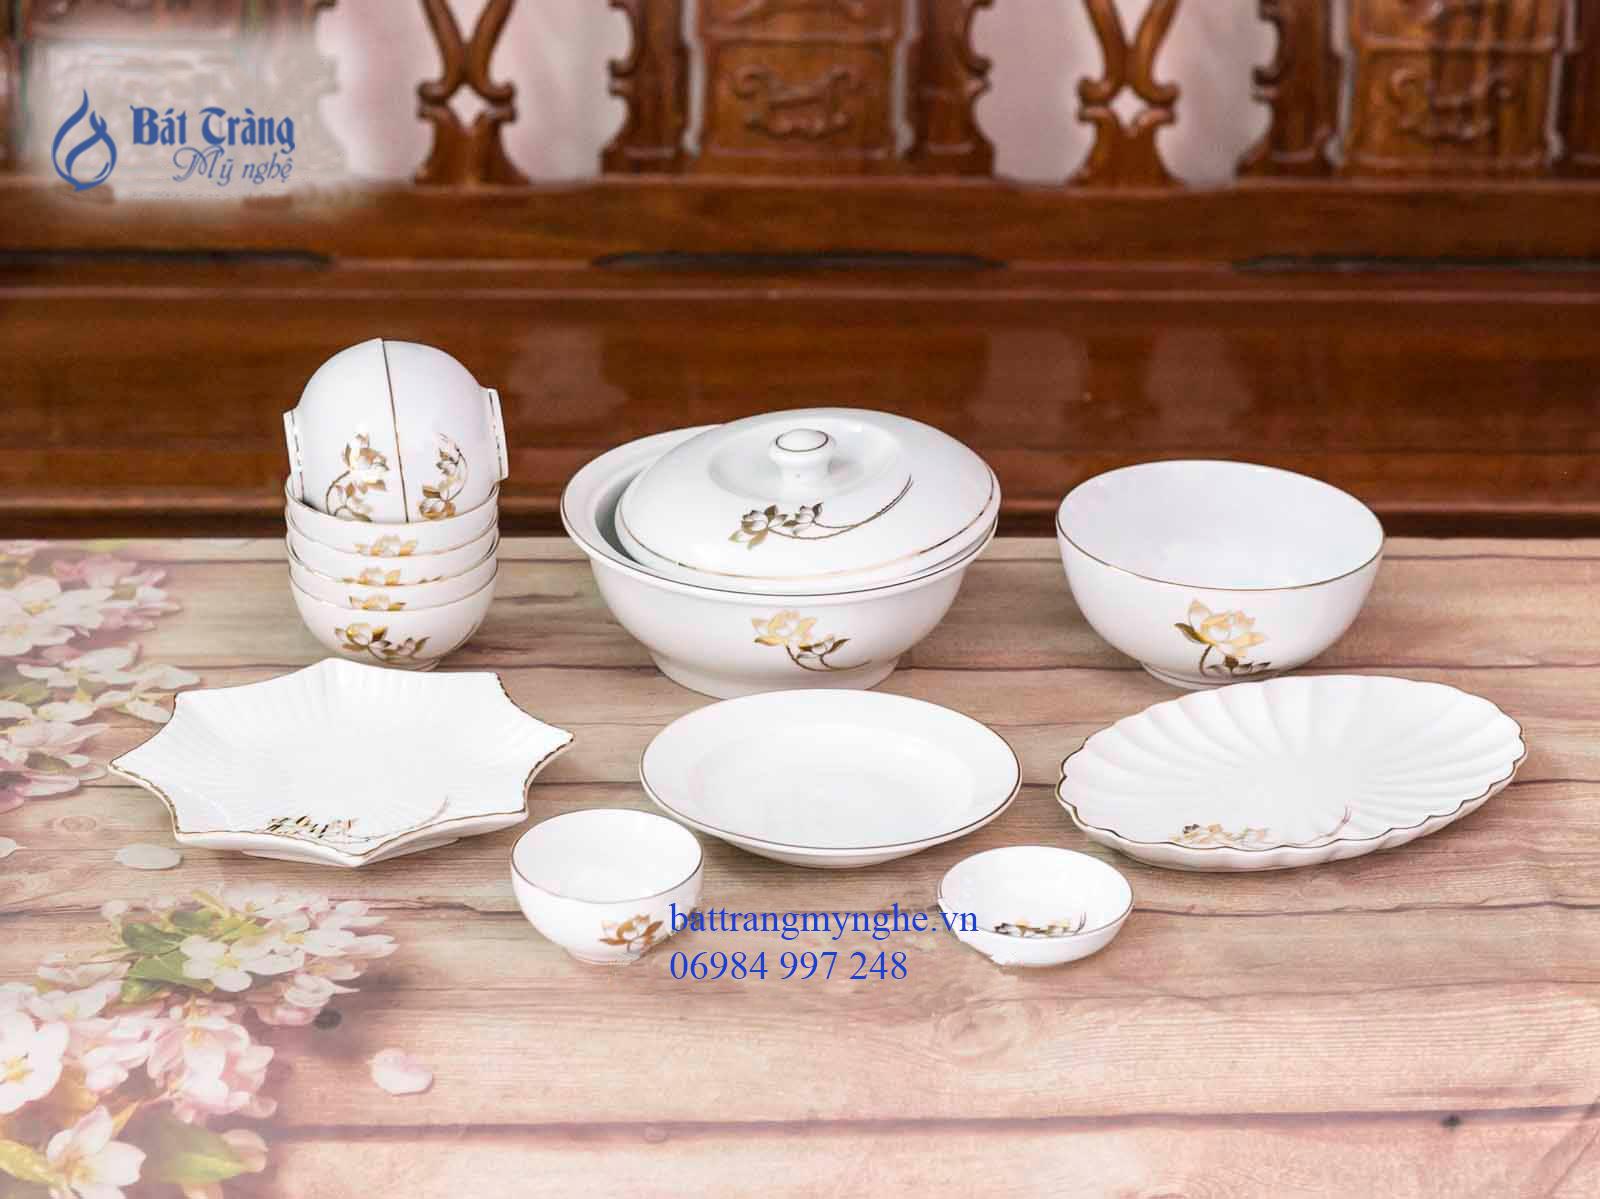 Bộ đồ ăn men trắng vẽ Sen Vàng Kim